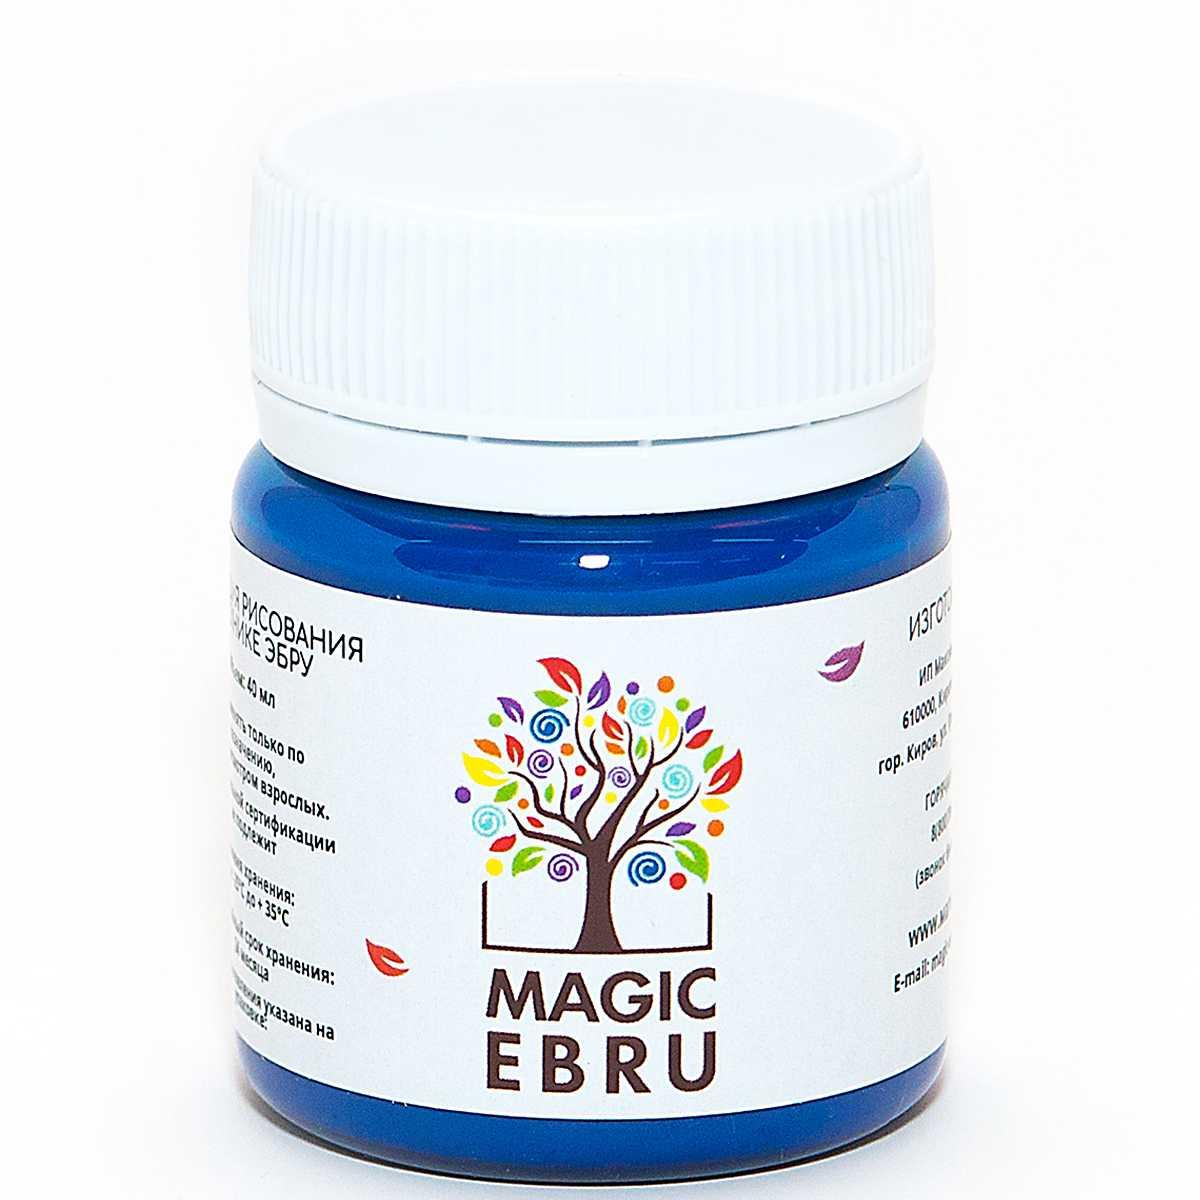 Купить Краска Magic EBRU 40 мл, голубая, Россия